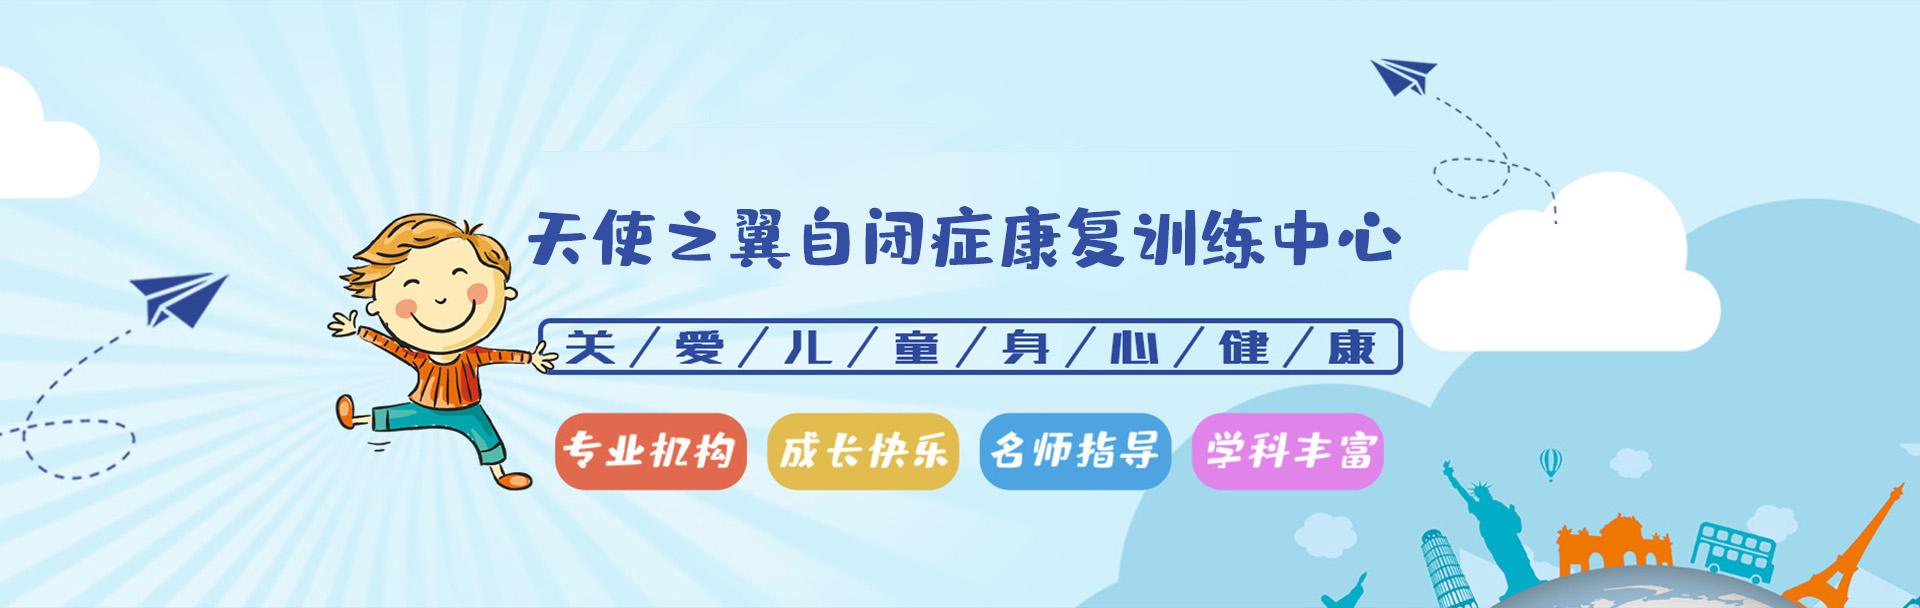 天津自闭症学校,天津自闭症康复训练,天津自闭症孤独症